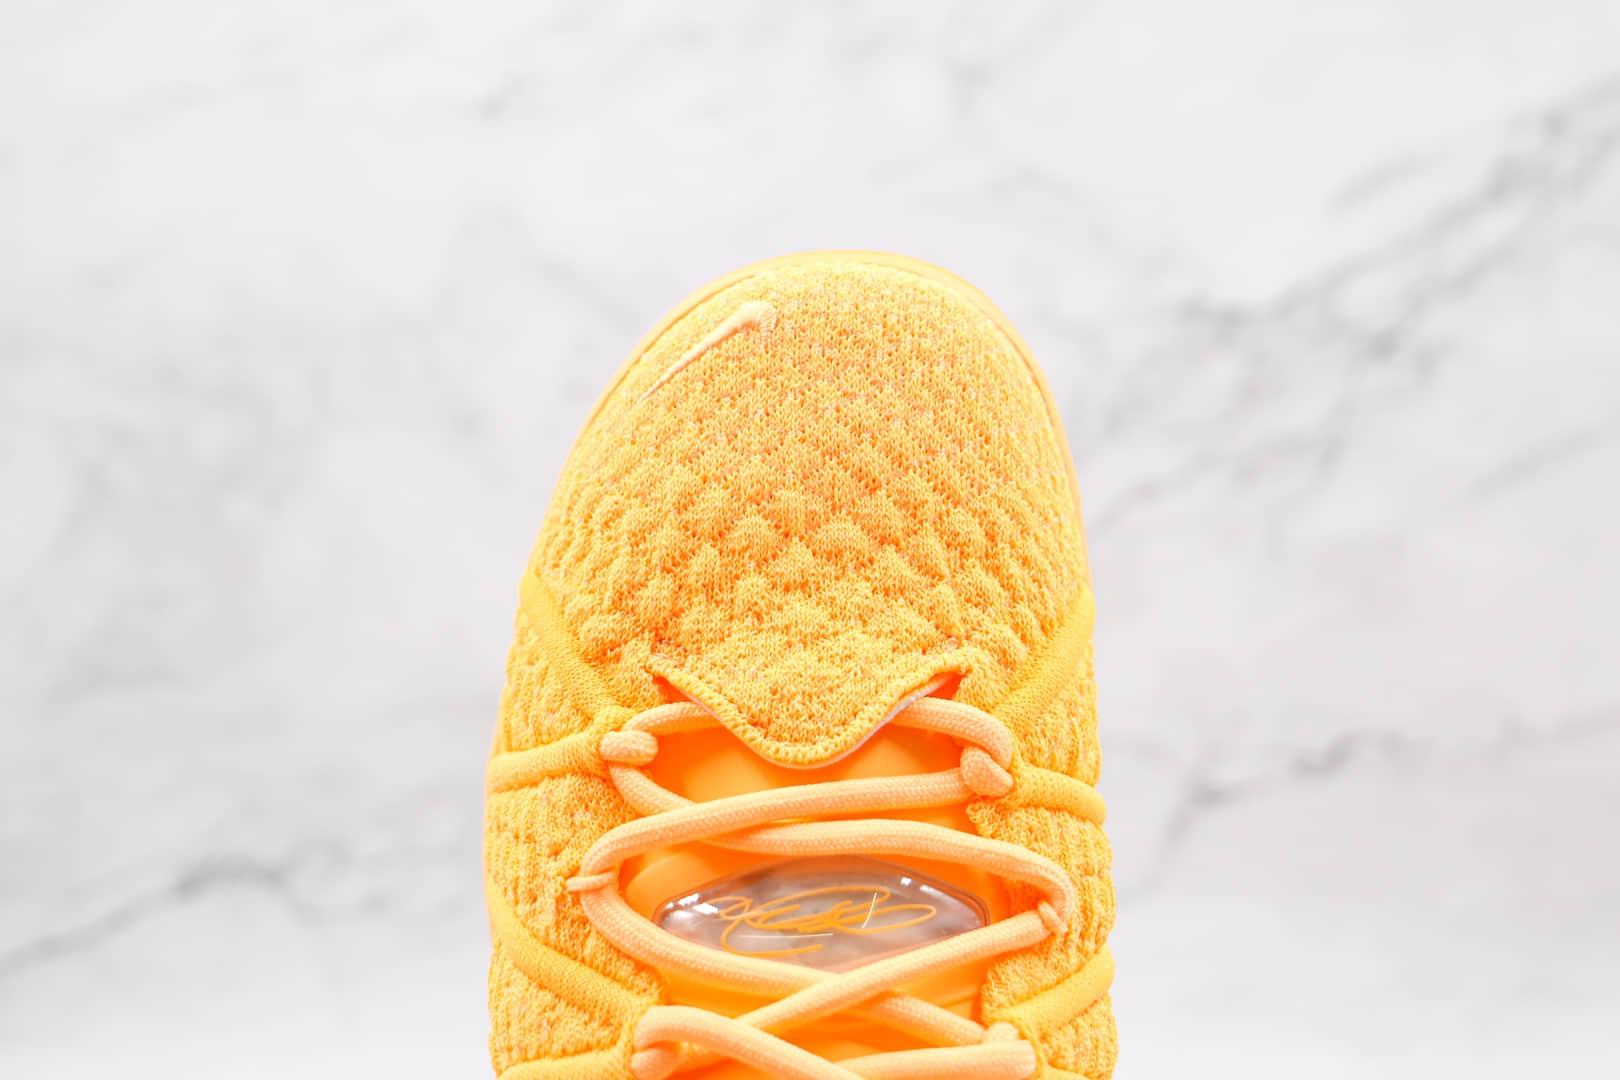 耐克NIKE LeBron 18纯原版本詹姆斯18代蜜瓜橙黄色篮球鞋支持实战 货号:DB7644-801